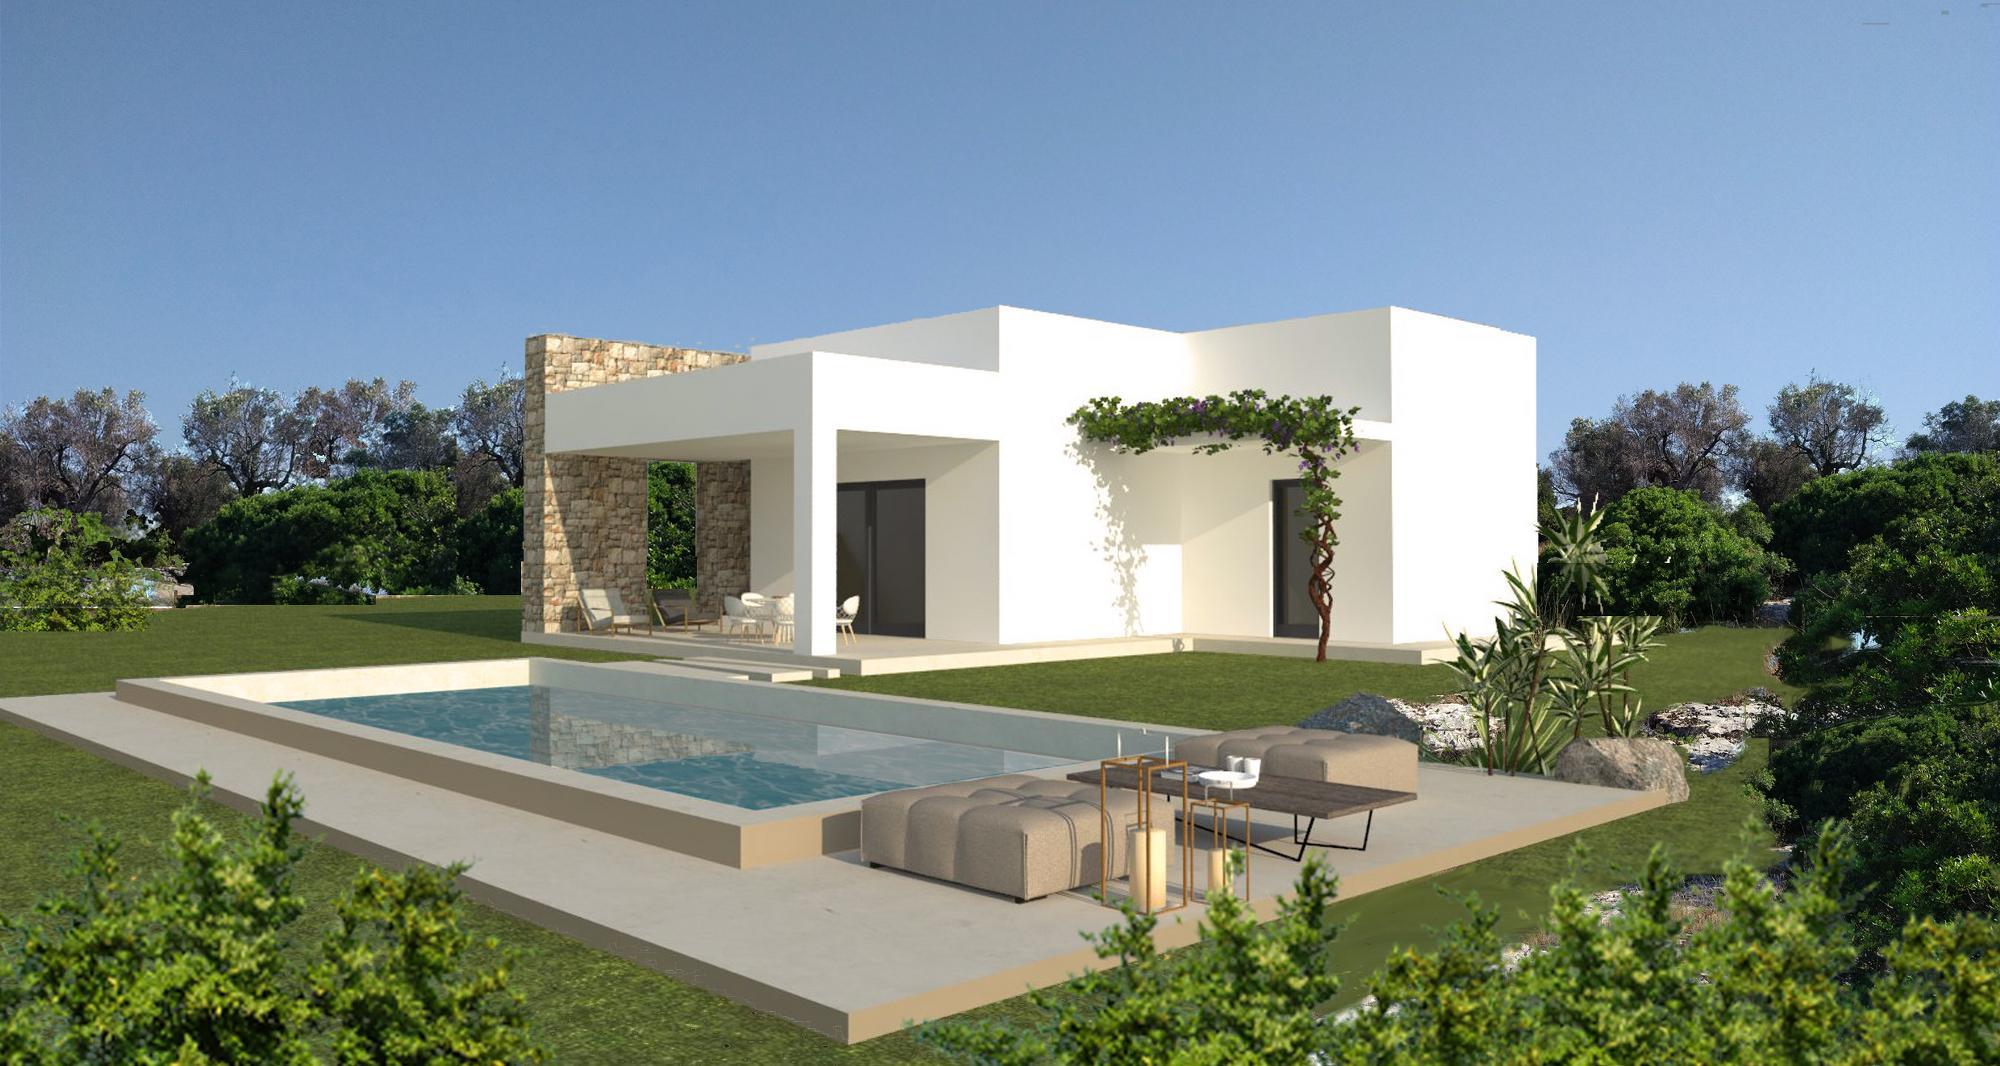 Terreno con progetto Villa e Piscina, con ulivi e cespugli mediterranei. - Morciano di Leuca